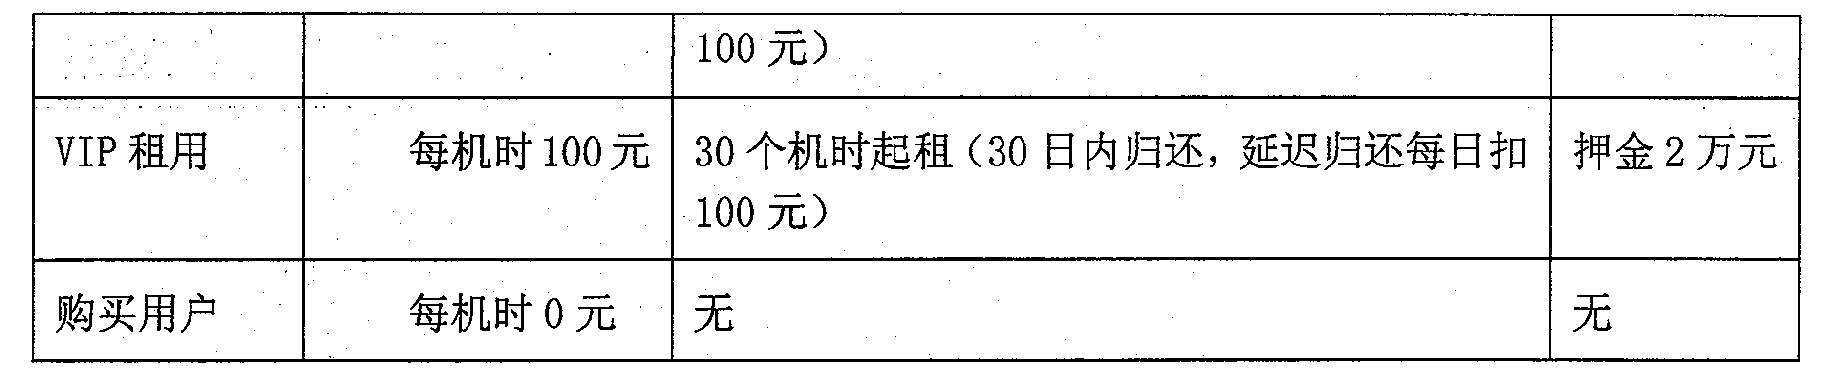 Figure CN103793593BD00511